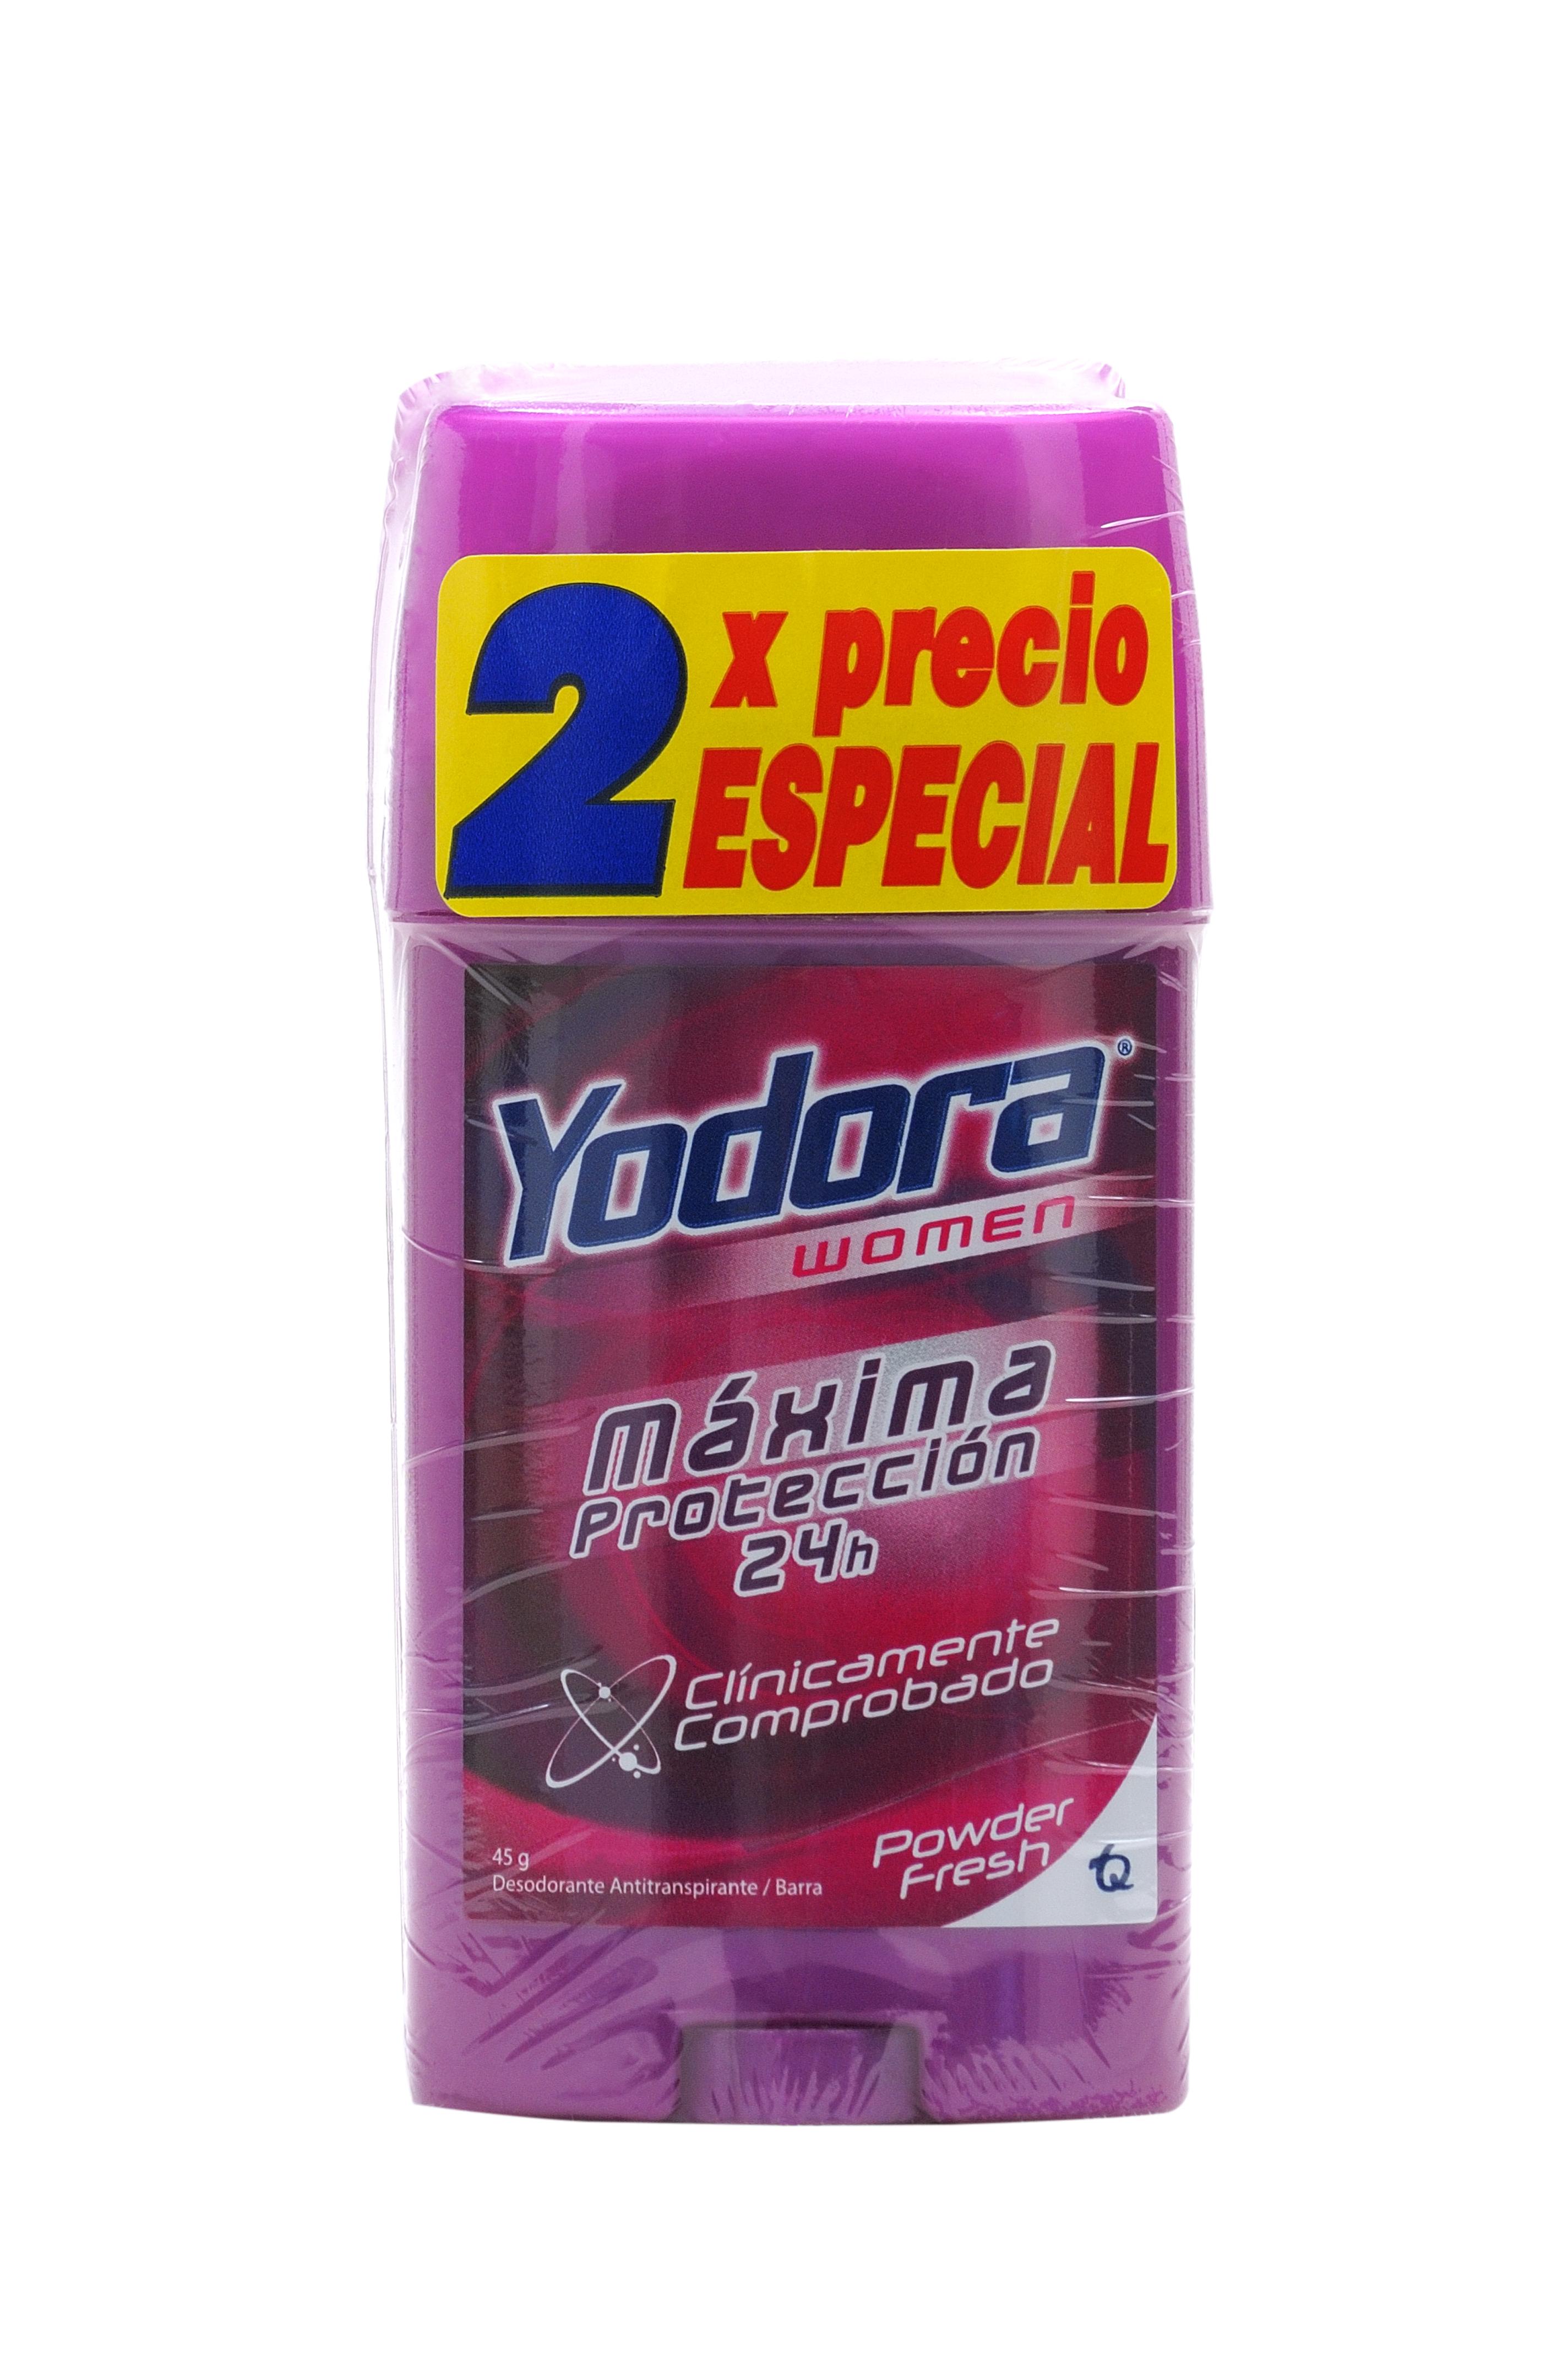 Desodorante Yodora Barra Powder Fresh 2x50gpe